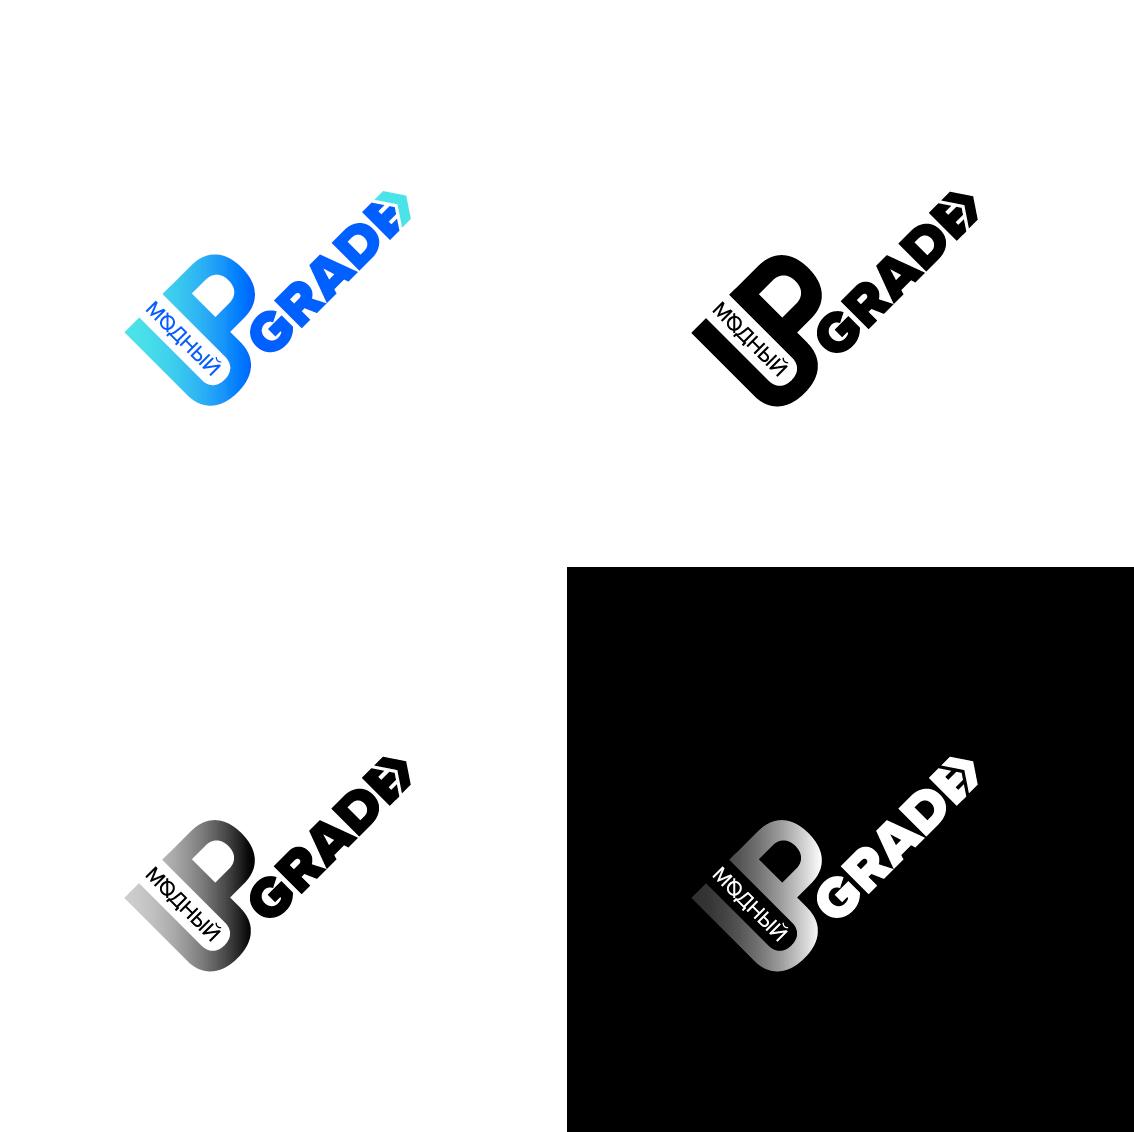 """Логотип интернет магазина """"Модный UPGRADE"""" фото f_105594185eef3af3.jpg"""